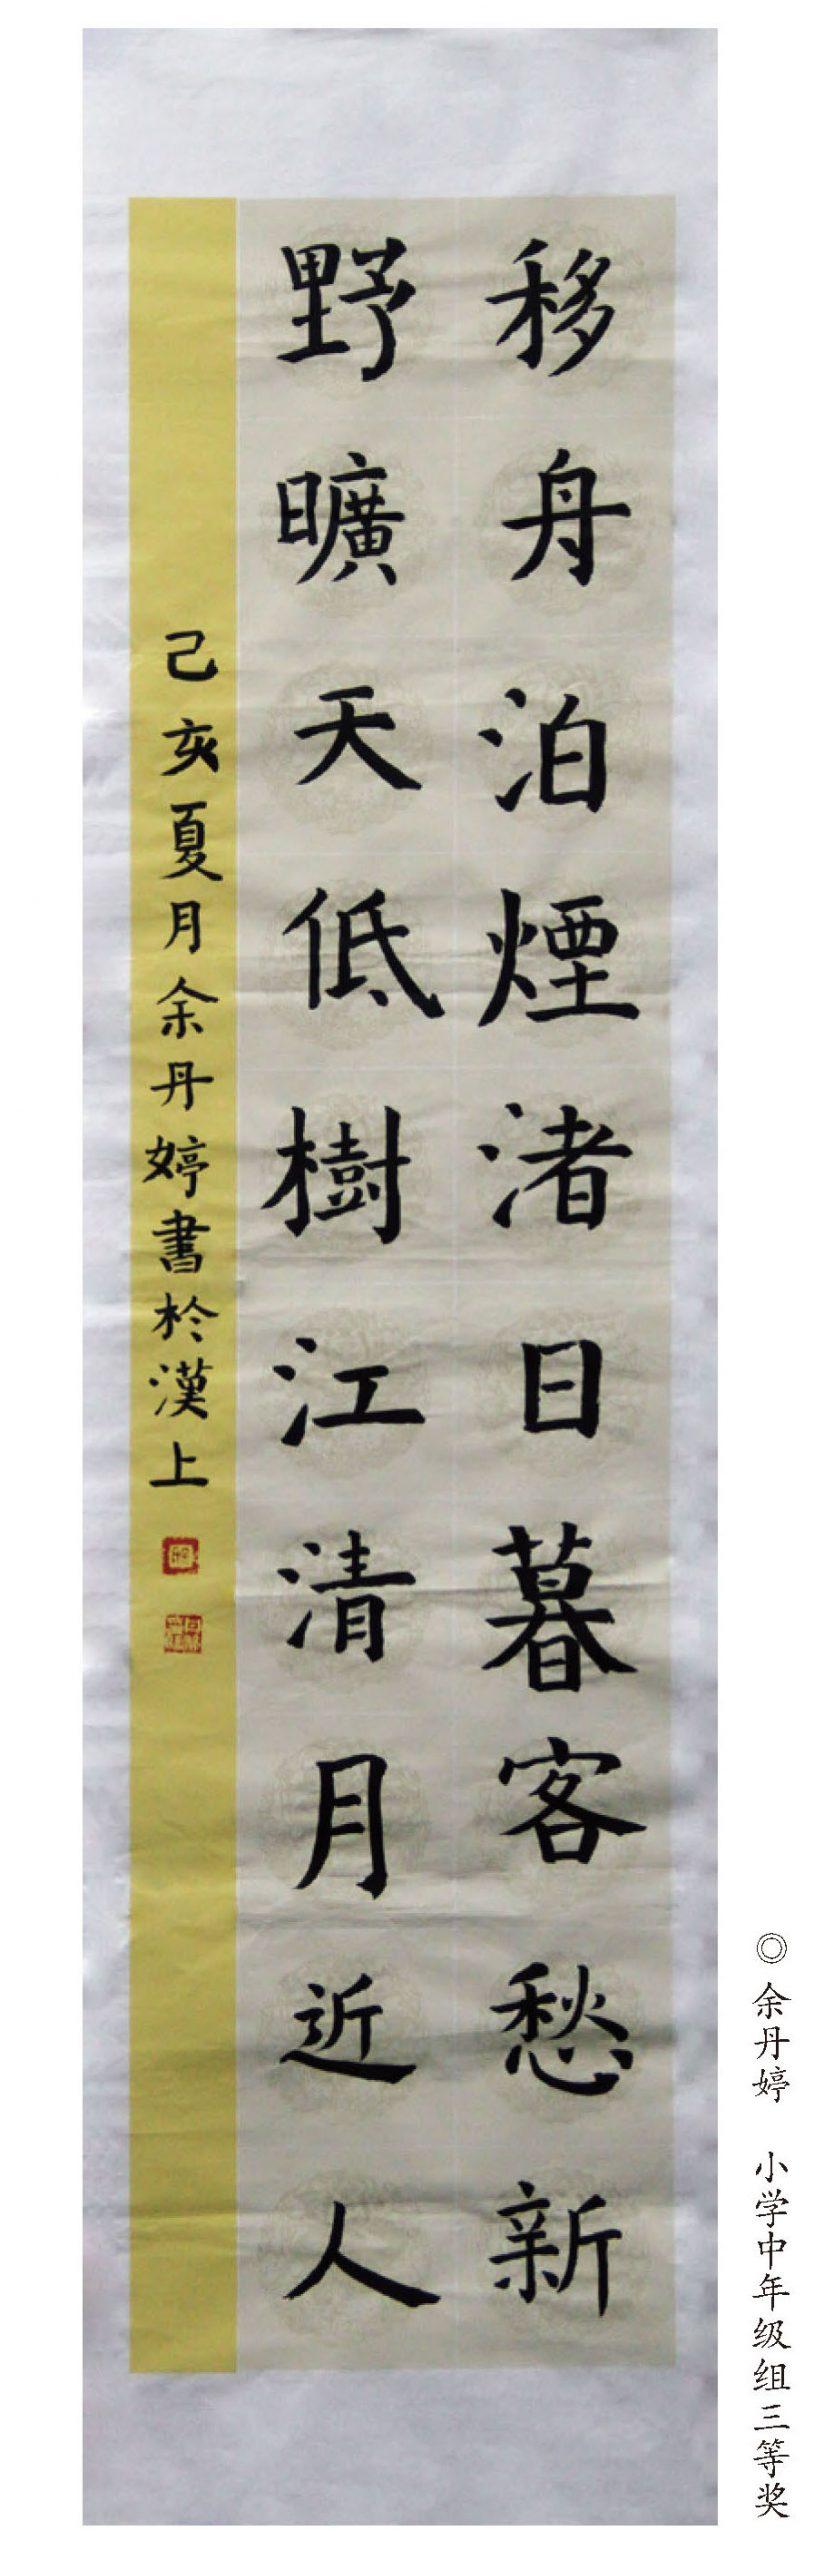 余丹婷 小中组软笔三等奖